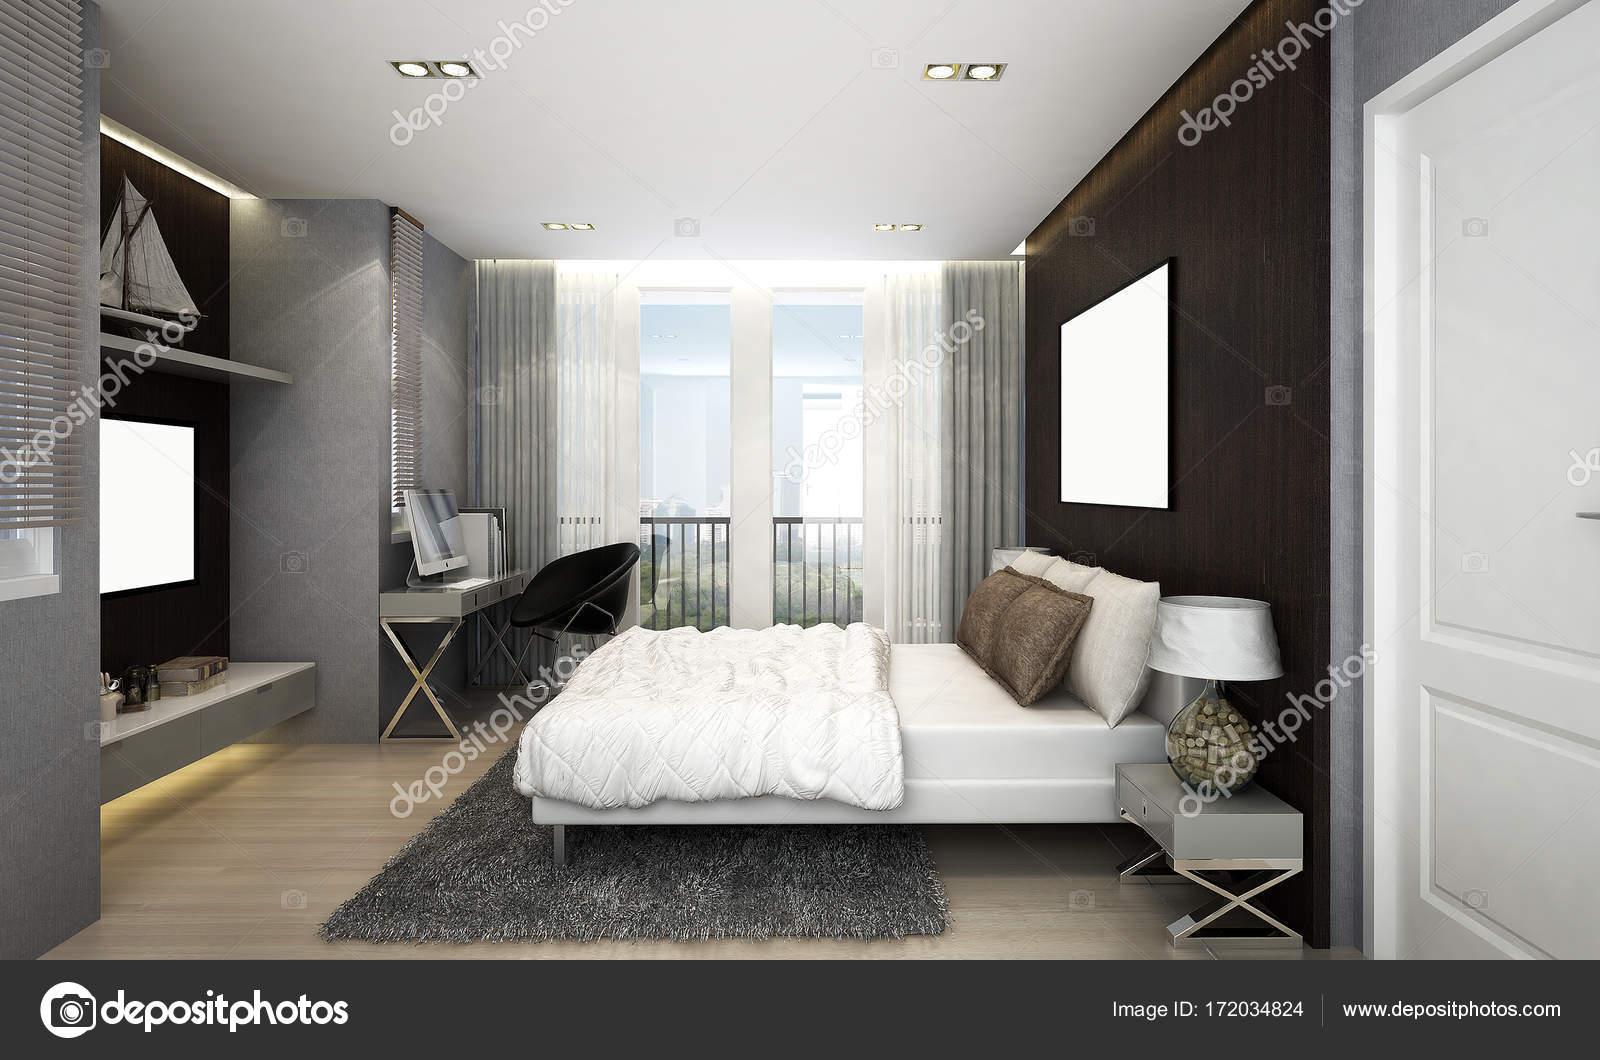 Zwarte Slaapkamer Muur : Het interieur van luxe slaapkamer en zwarte muur achtergrond